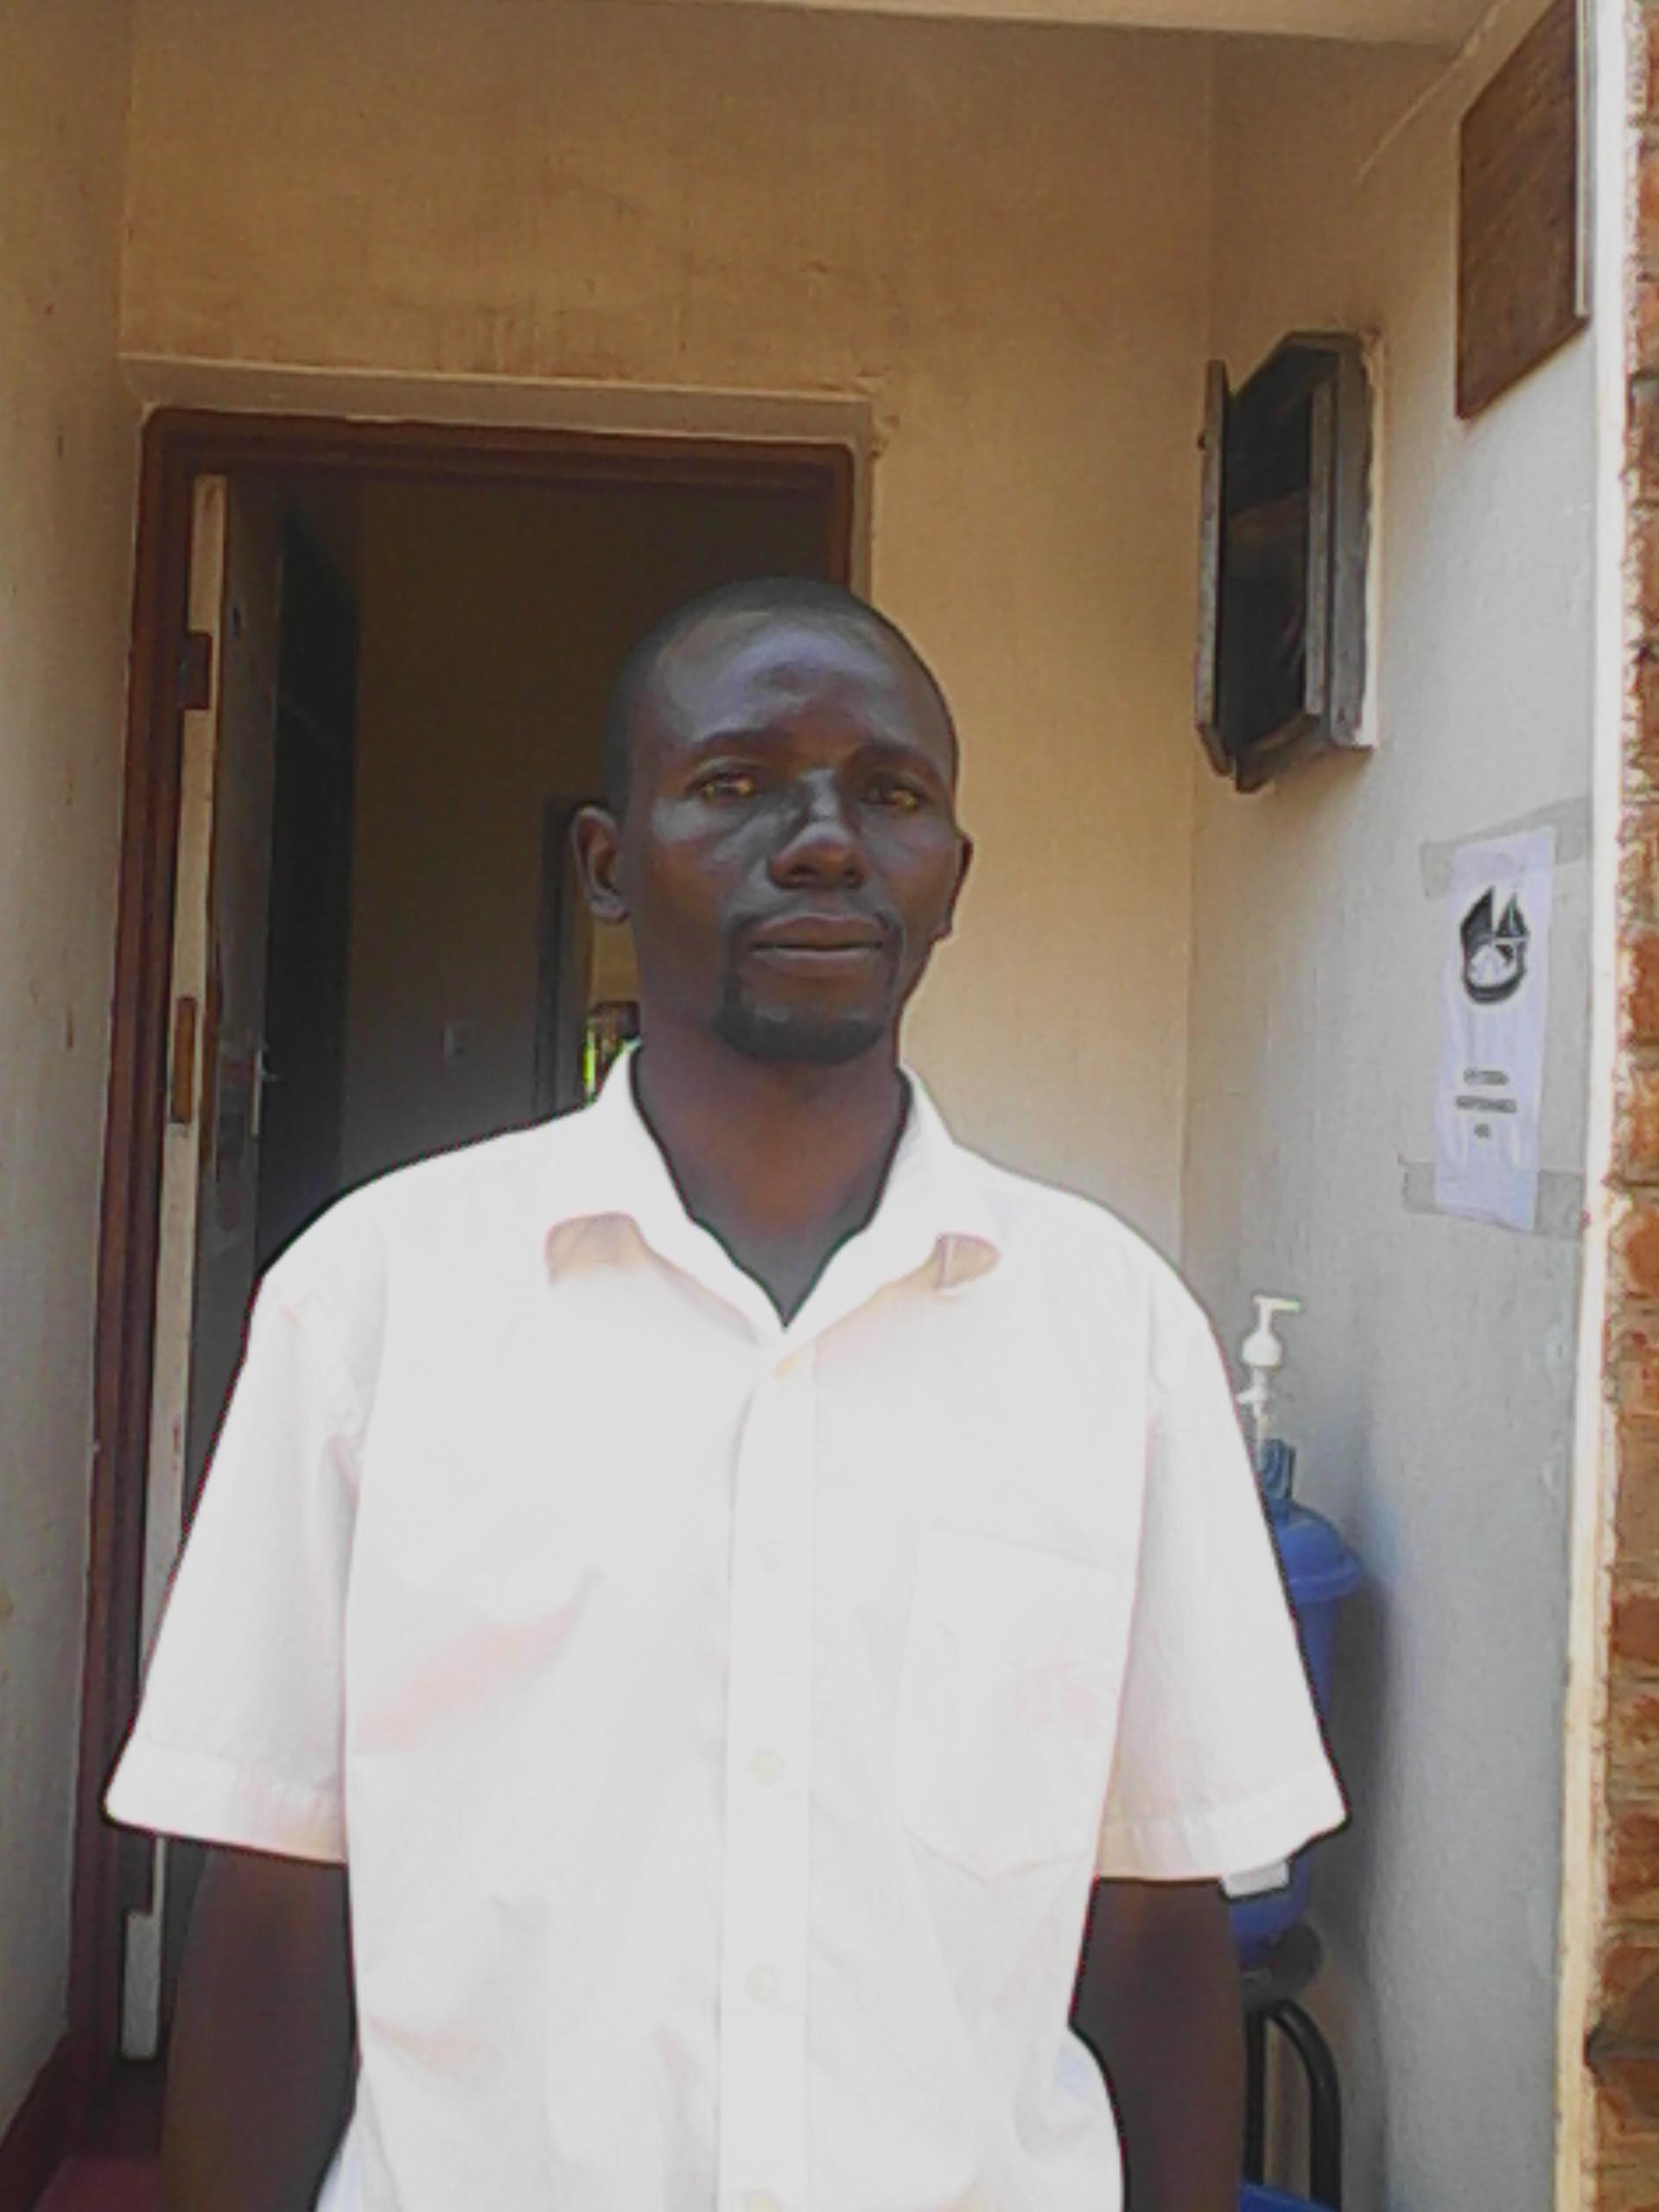 Matthews Dontone Mfune, Sungani Zakwathu Cultural Heritage Association, Malawi